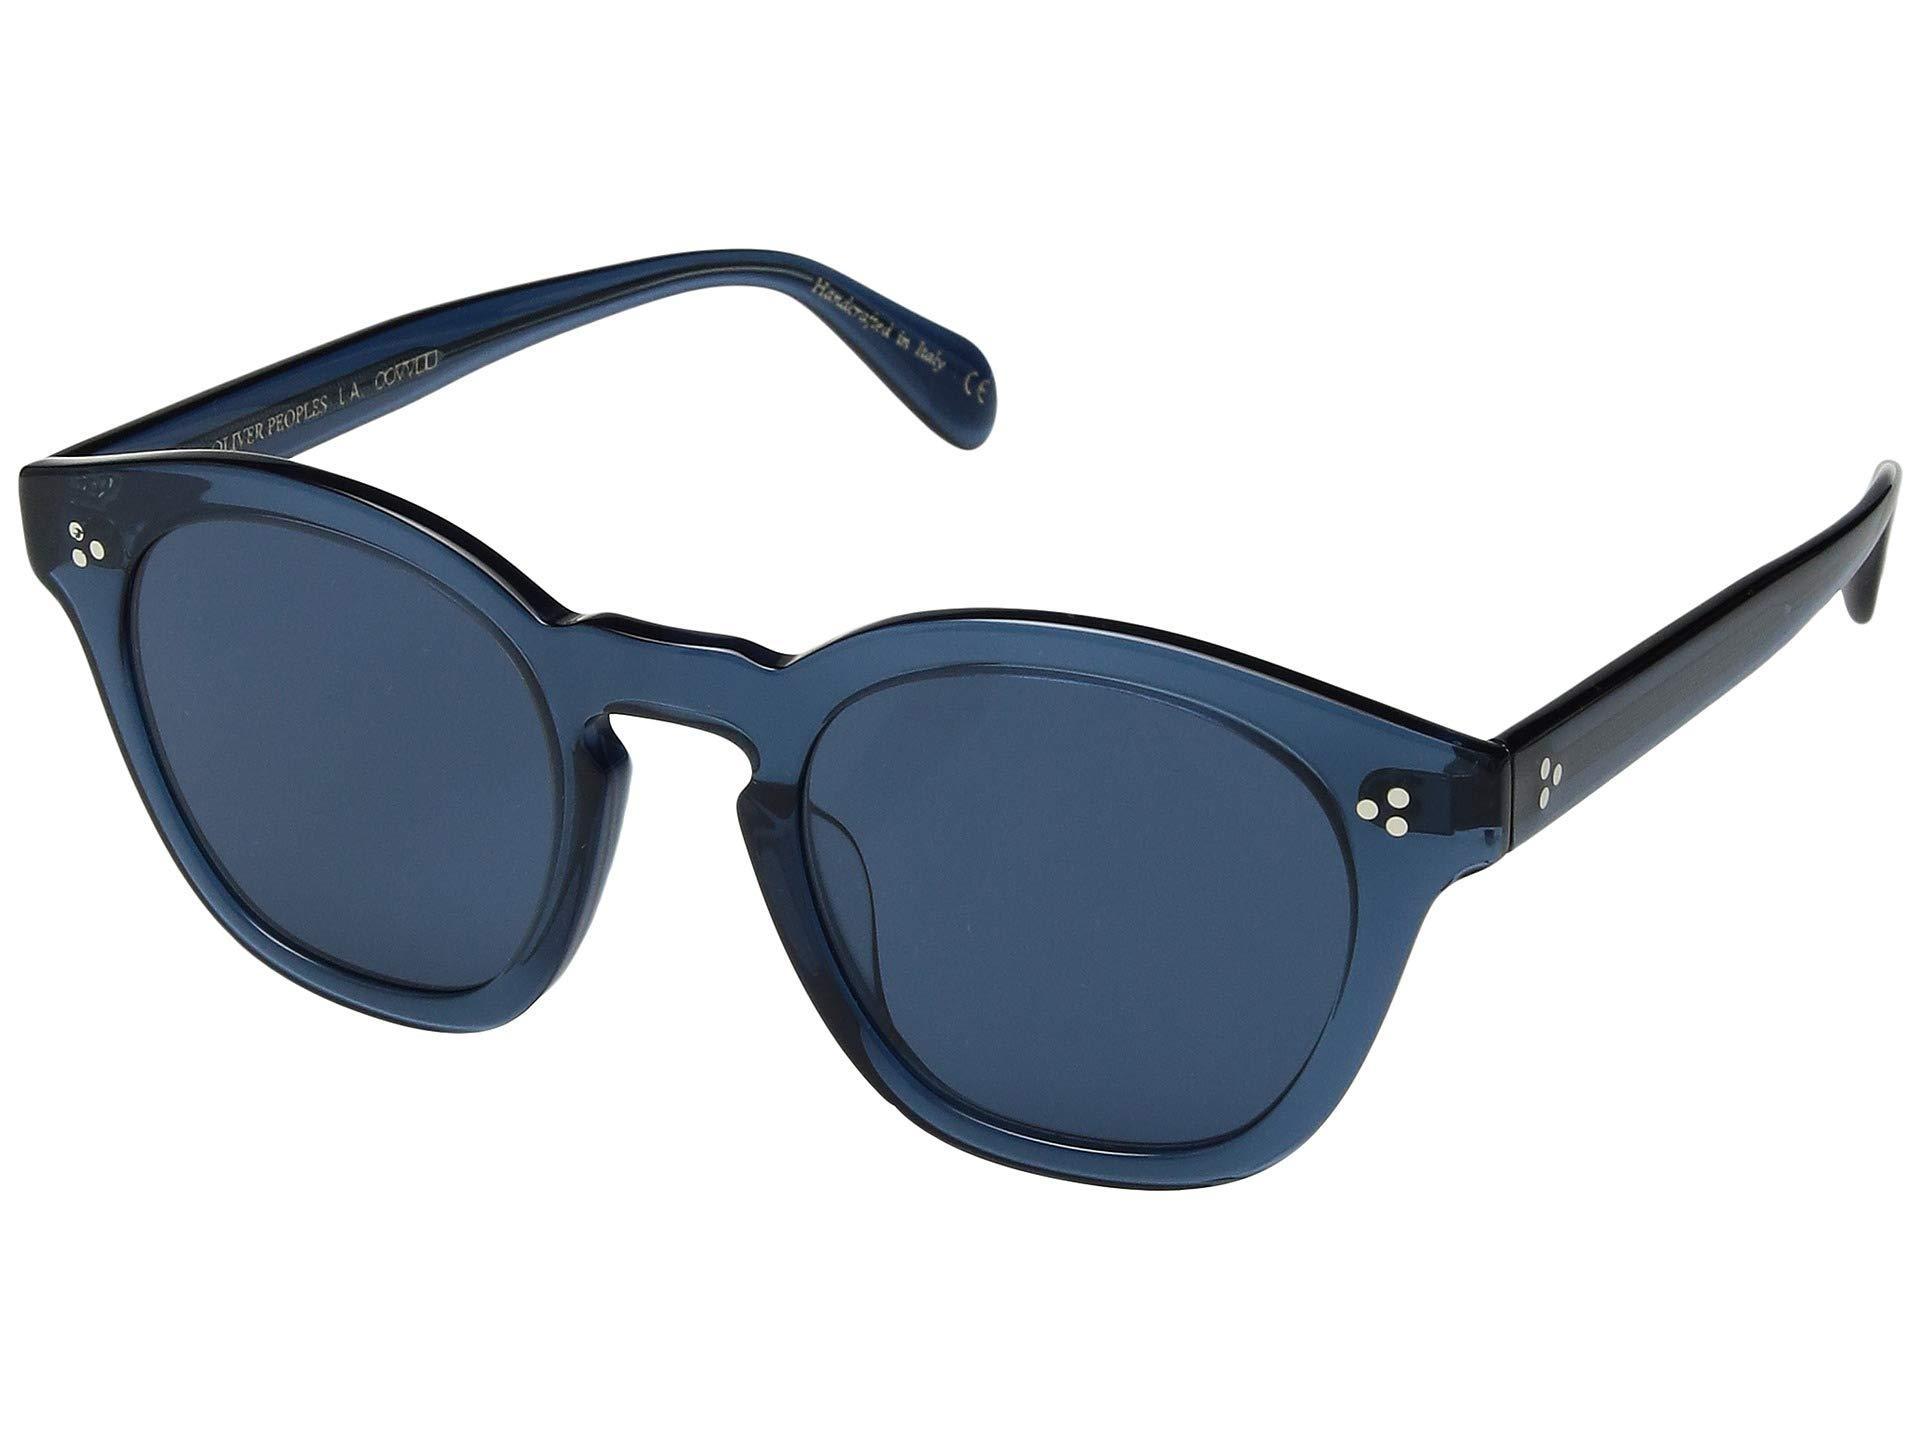 ad5641c70a Lyst - Oliver Peoples Boudreau La (deep Blue blue Lens) Fashion ...